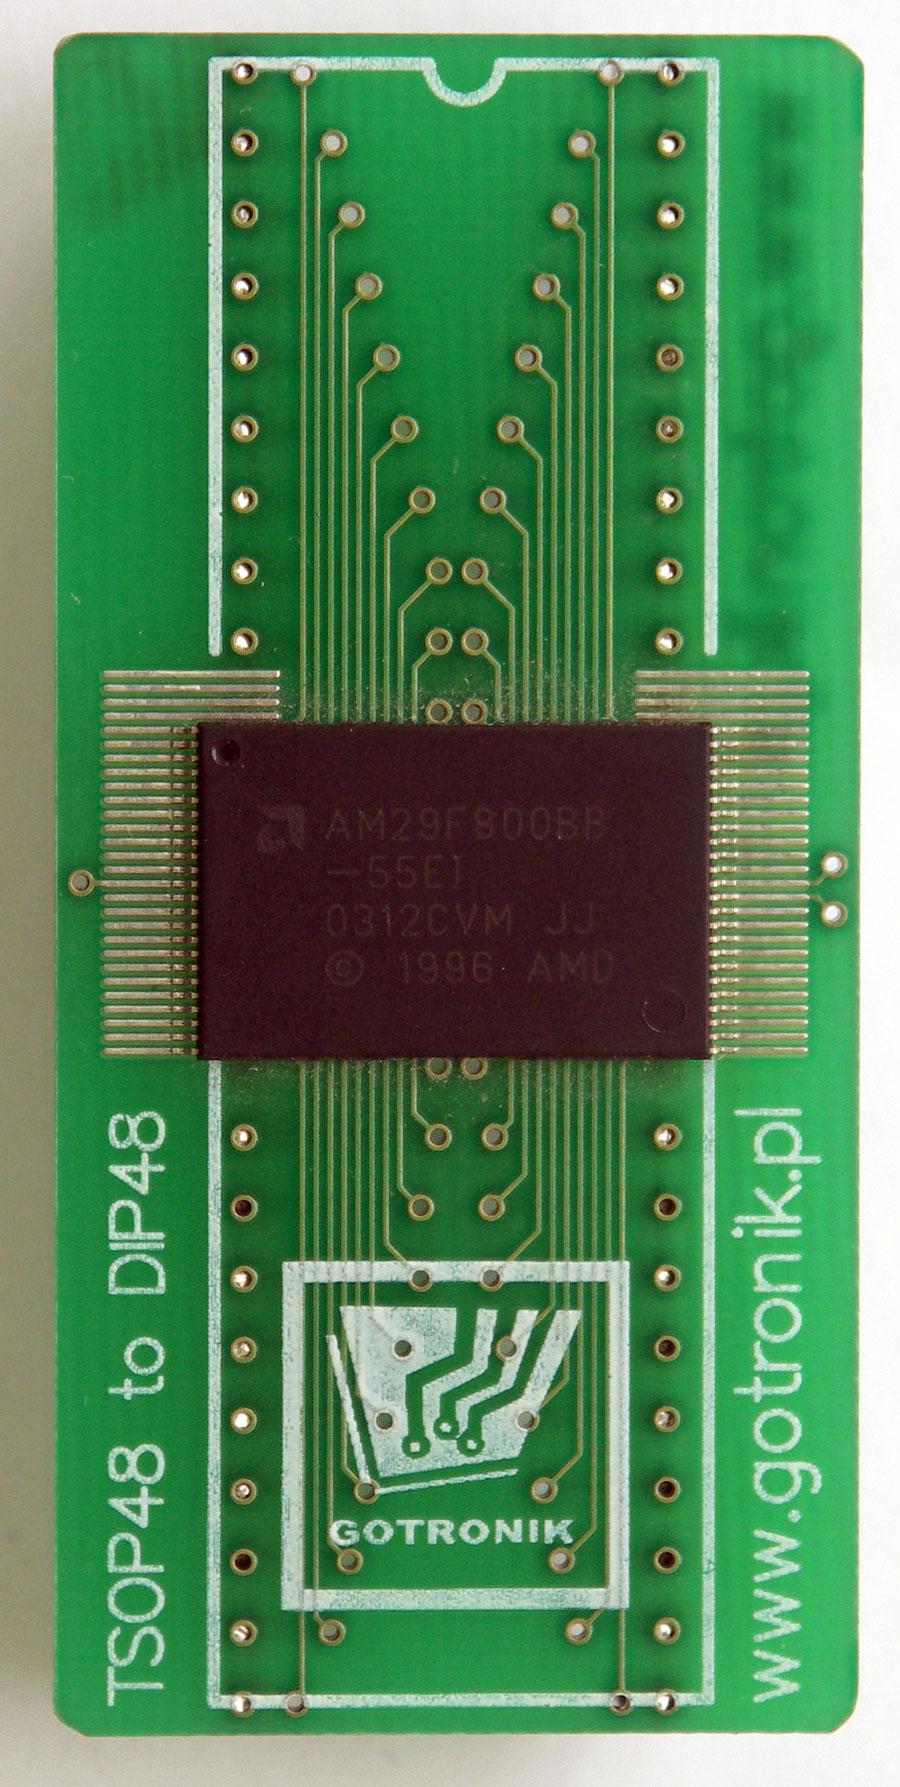 Przykładowe zdjęcie z przylutowanym układem TSOP48 (pamięć AM29F800)